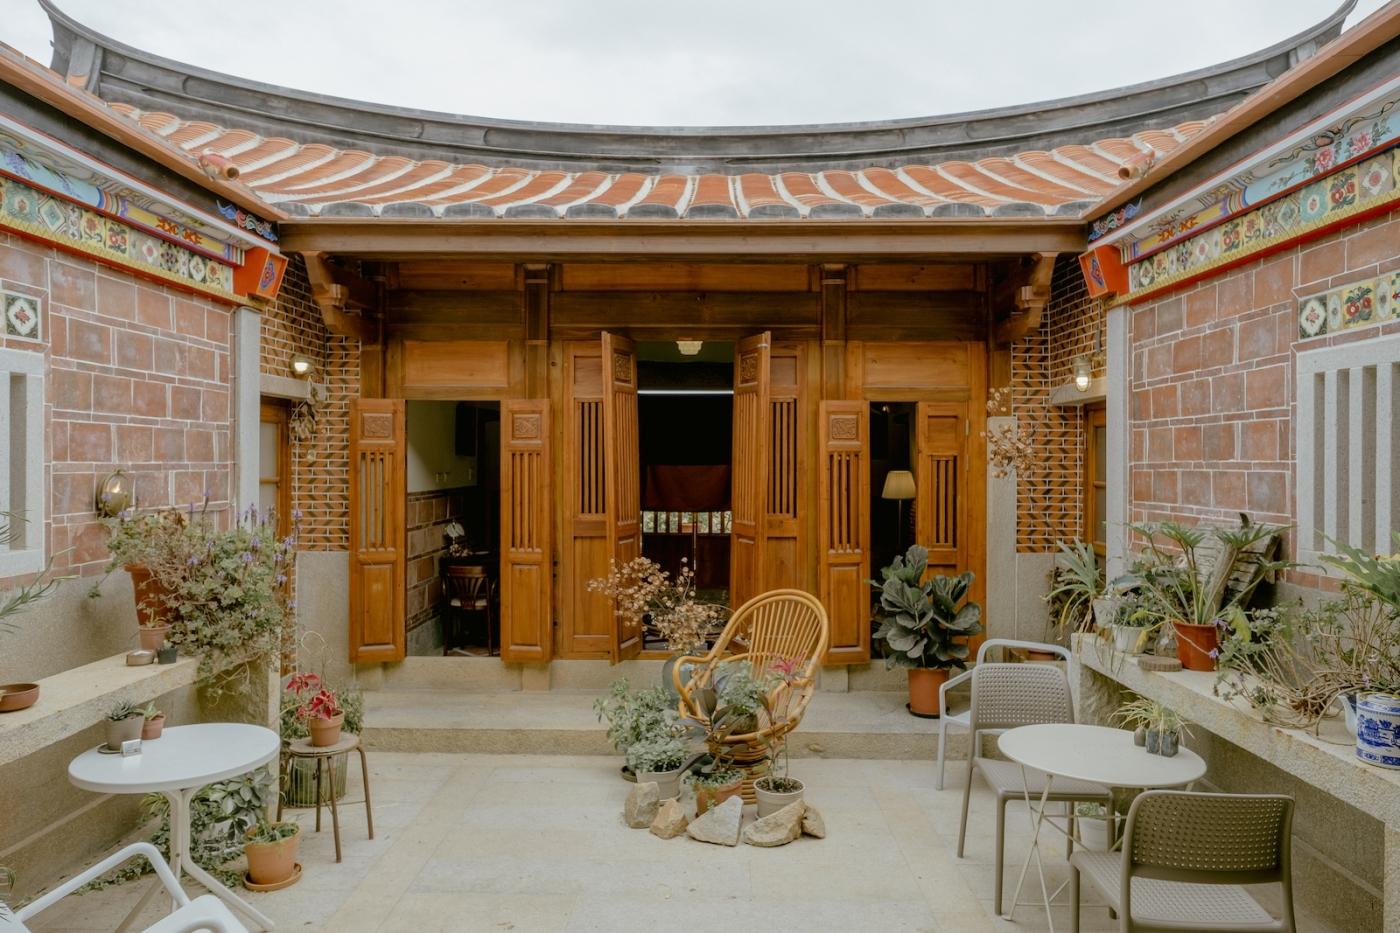 住進坐擁天井的閩南老屋,開始探索金門:民宿「時苑」順著空間氣質,長出嚮往的生活樣貌